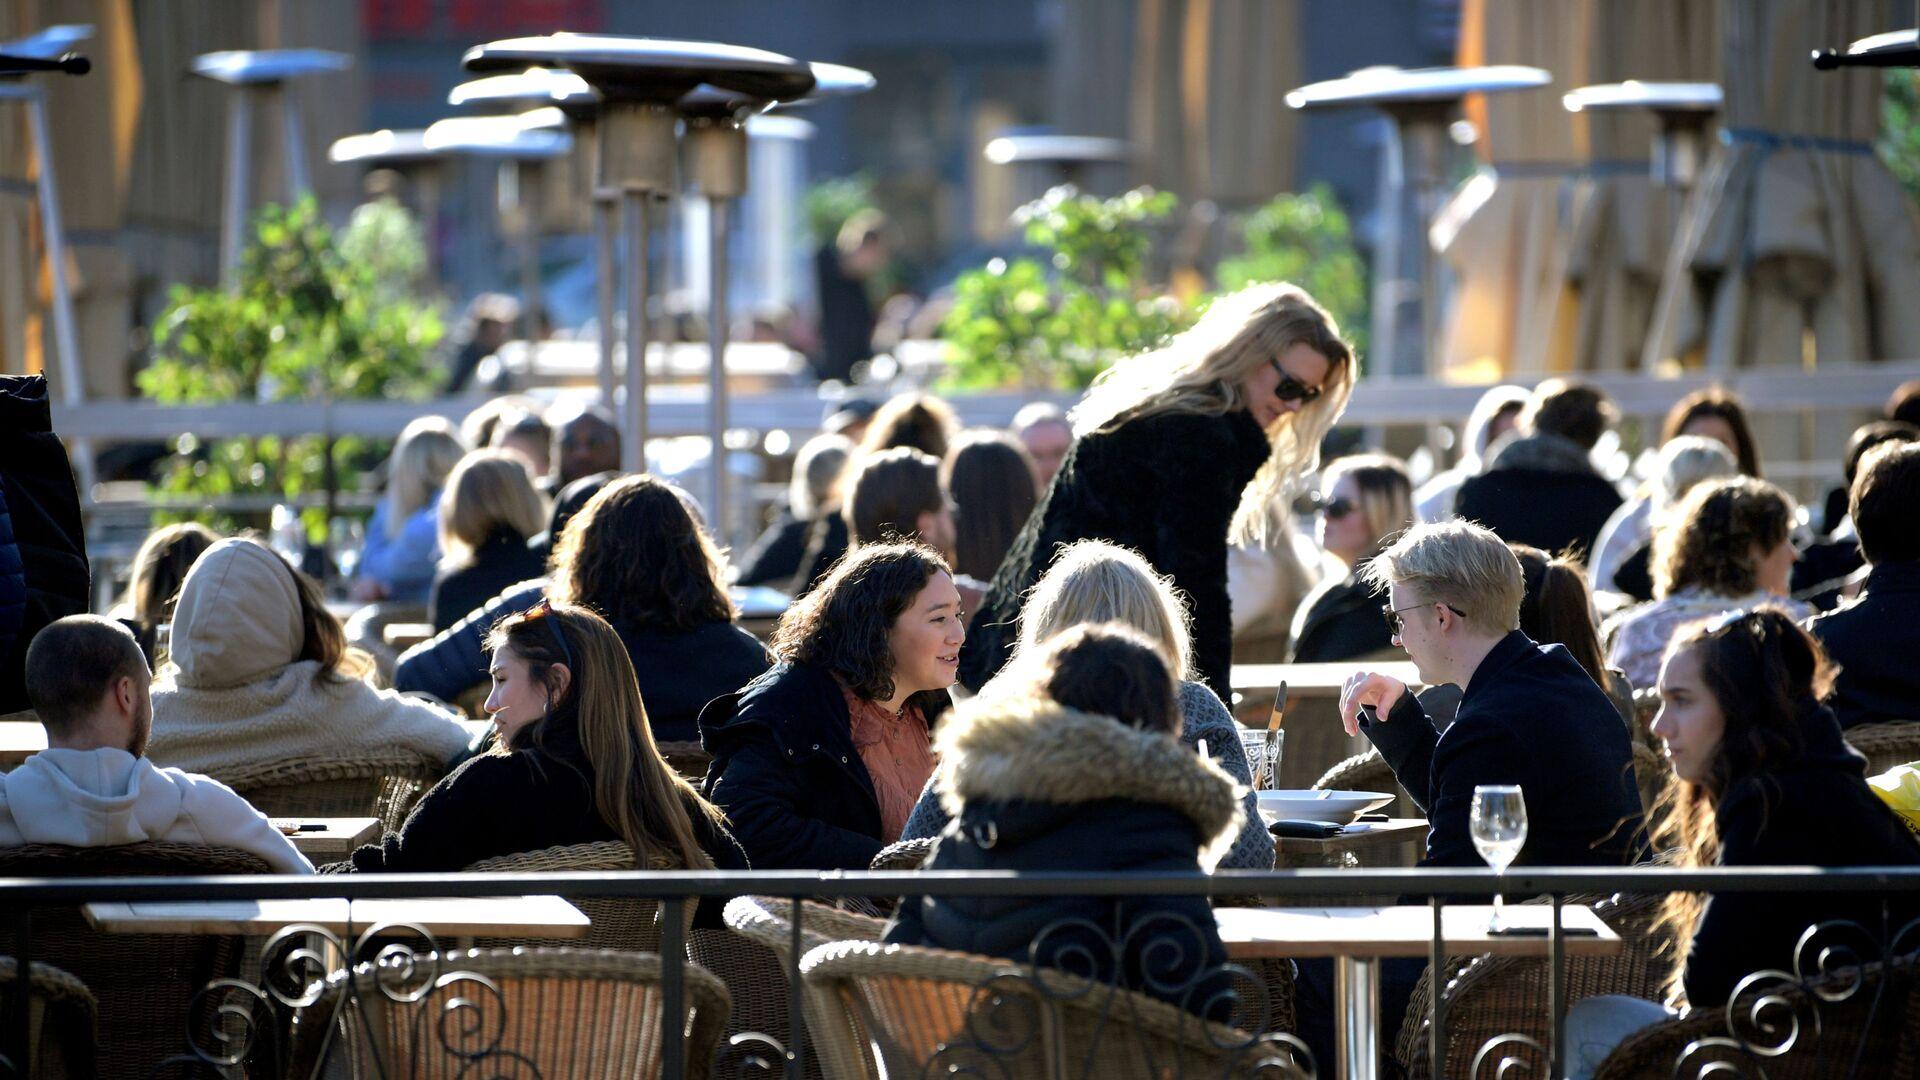 Sunčan dan u Stokholmu u toku pandemije, 24. mart 2021. - Sputnik Srbija, 1920, 15.09.2021